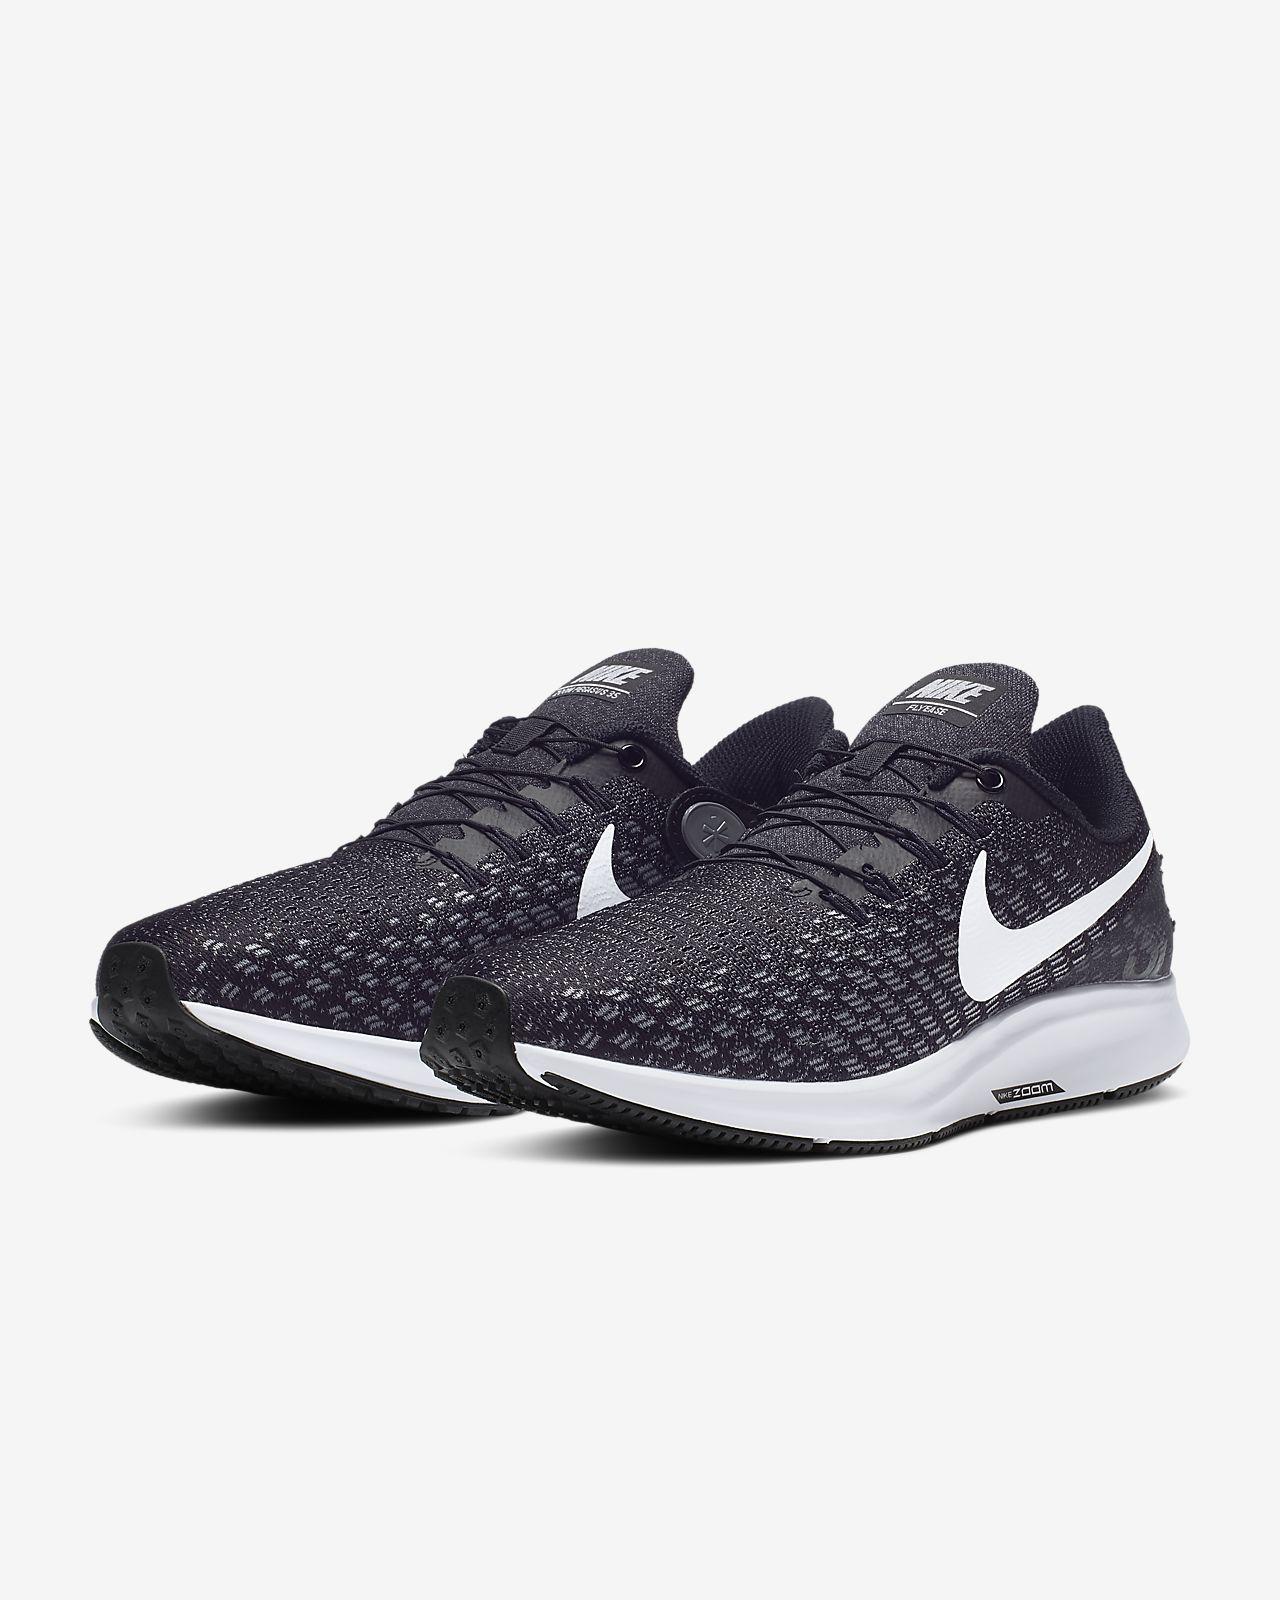 new product 3d71a 891aa ... Nike Air Zoom Pegasus 35 FlyEase-løbesko til mænd